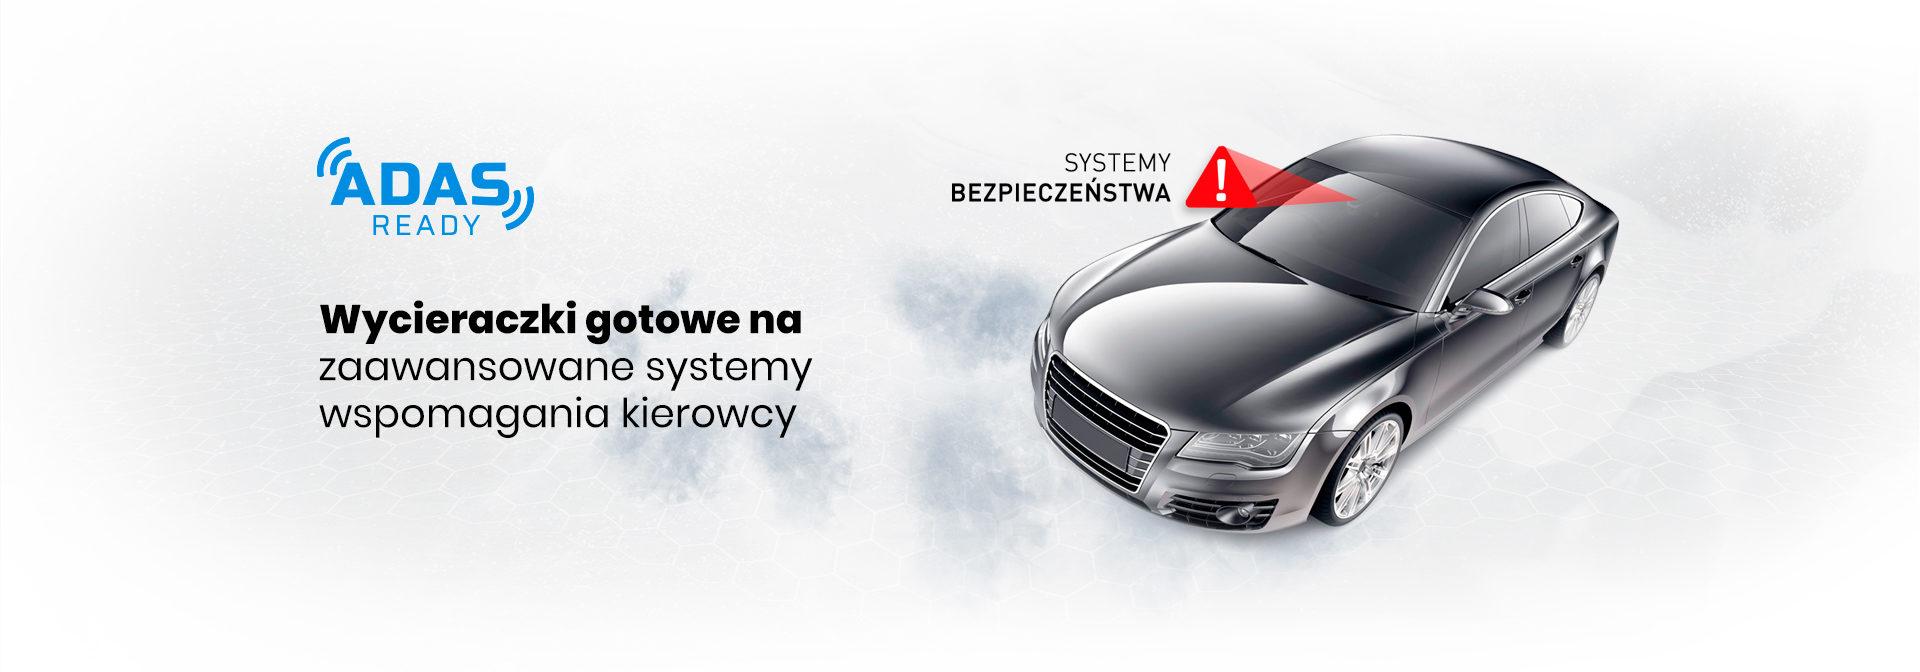 ADAS - Zawansowany system wspomagania kierowcy